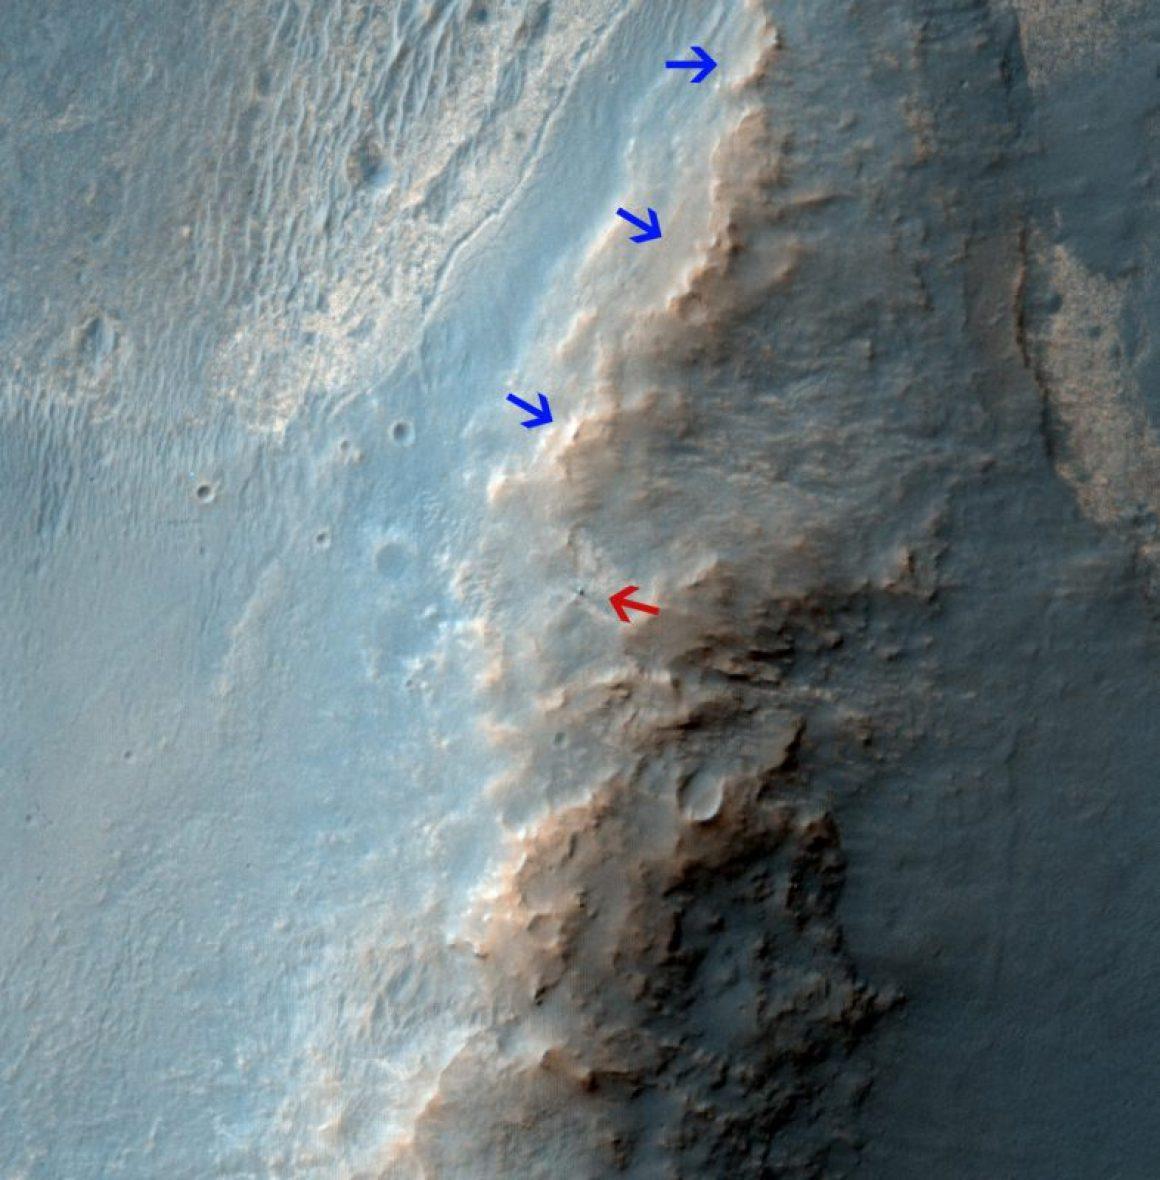 """Image de la caméra HiriSe de Mars Reconnaissance Orbiter de la NASA : vue du Mars Exploration Rover """"Opportunity"""" le 14 février 2014. La flèche rouge montre Opportunity au centre de l'image. Les flèches bleues indiquent les traces laissées par le rover depuis son entrée dans la zone en Octobre 2013 . La scène couvre une parcelle de terrain d'environ 400 mètres de large. Le Nord est vers le haut. (crédit NASA/JPL-Caltech/Univ. of Arizona)"""